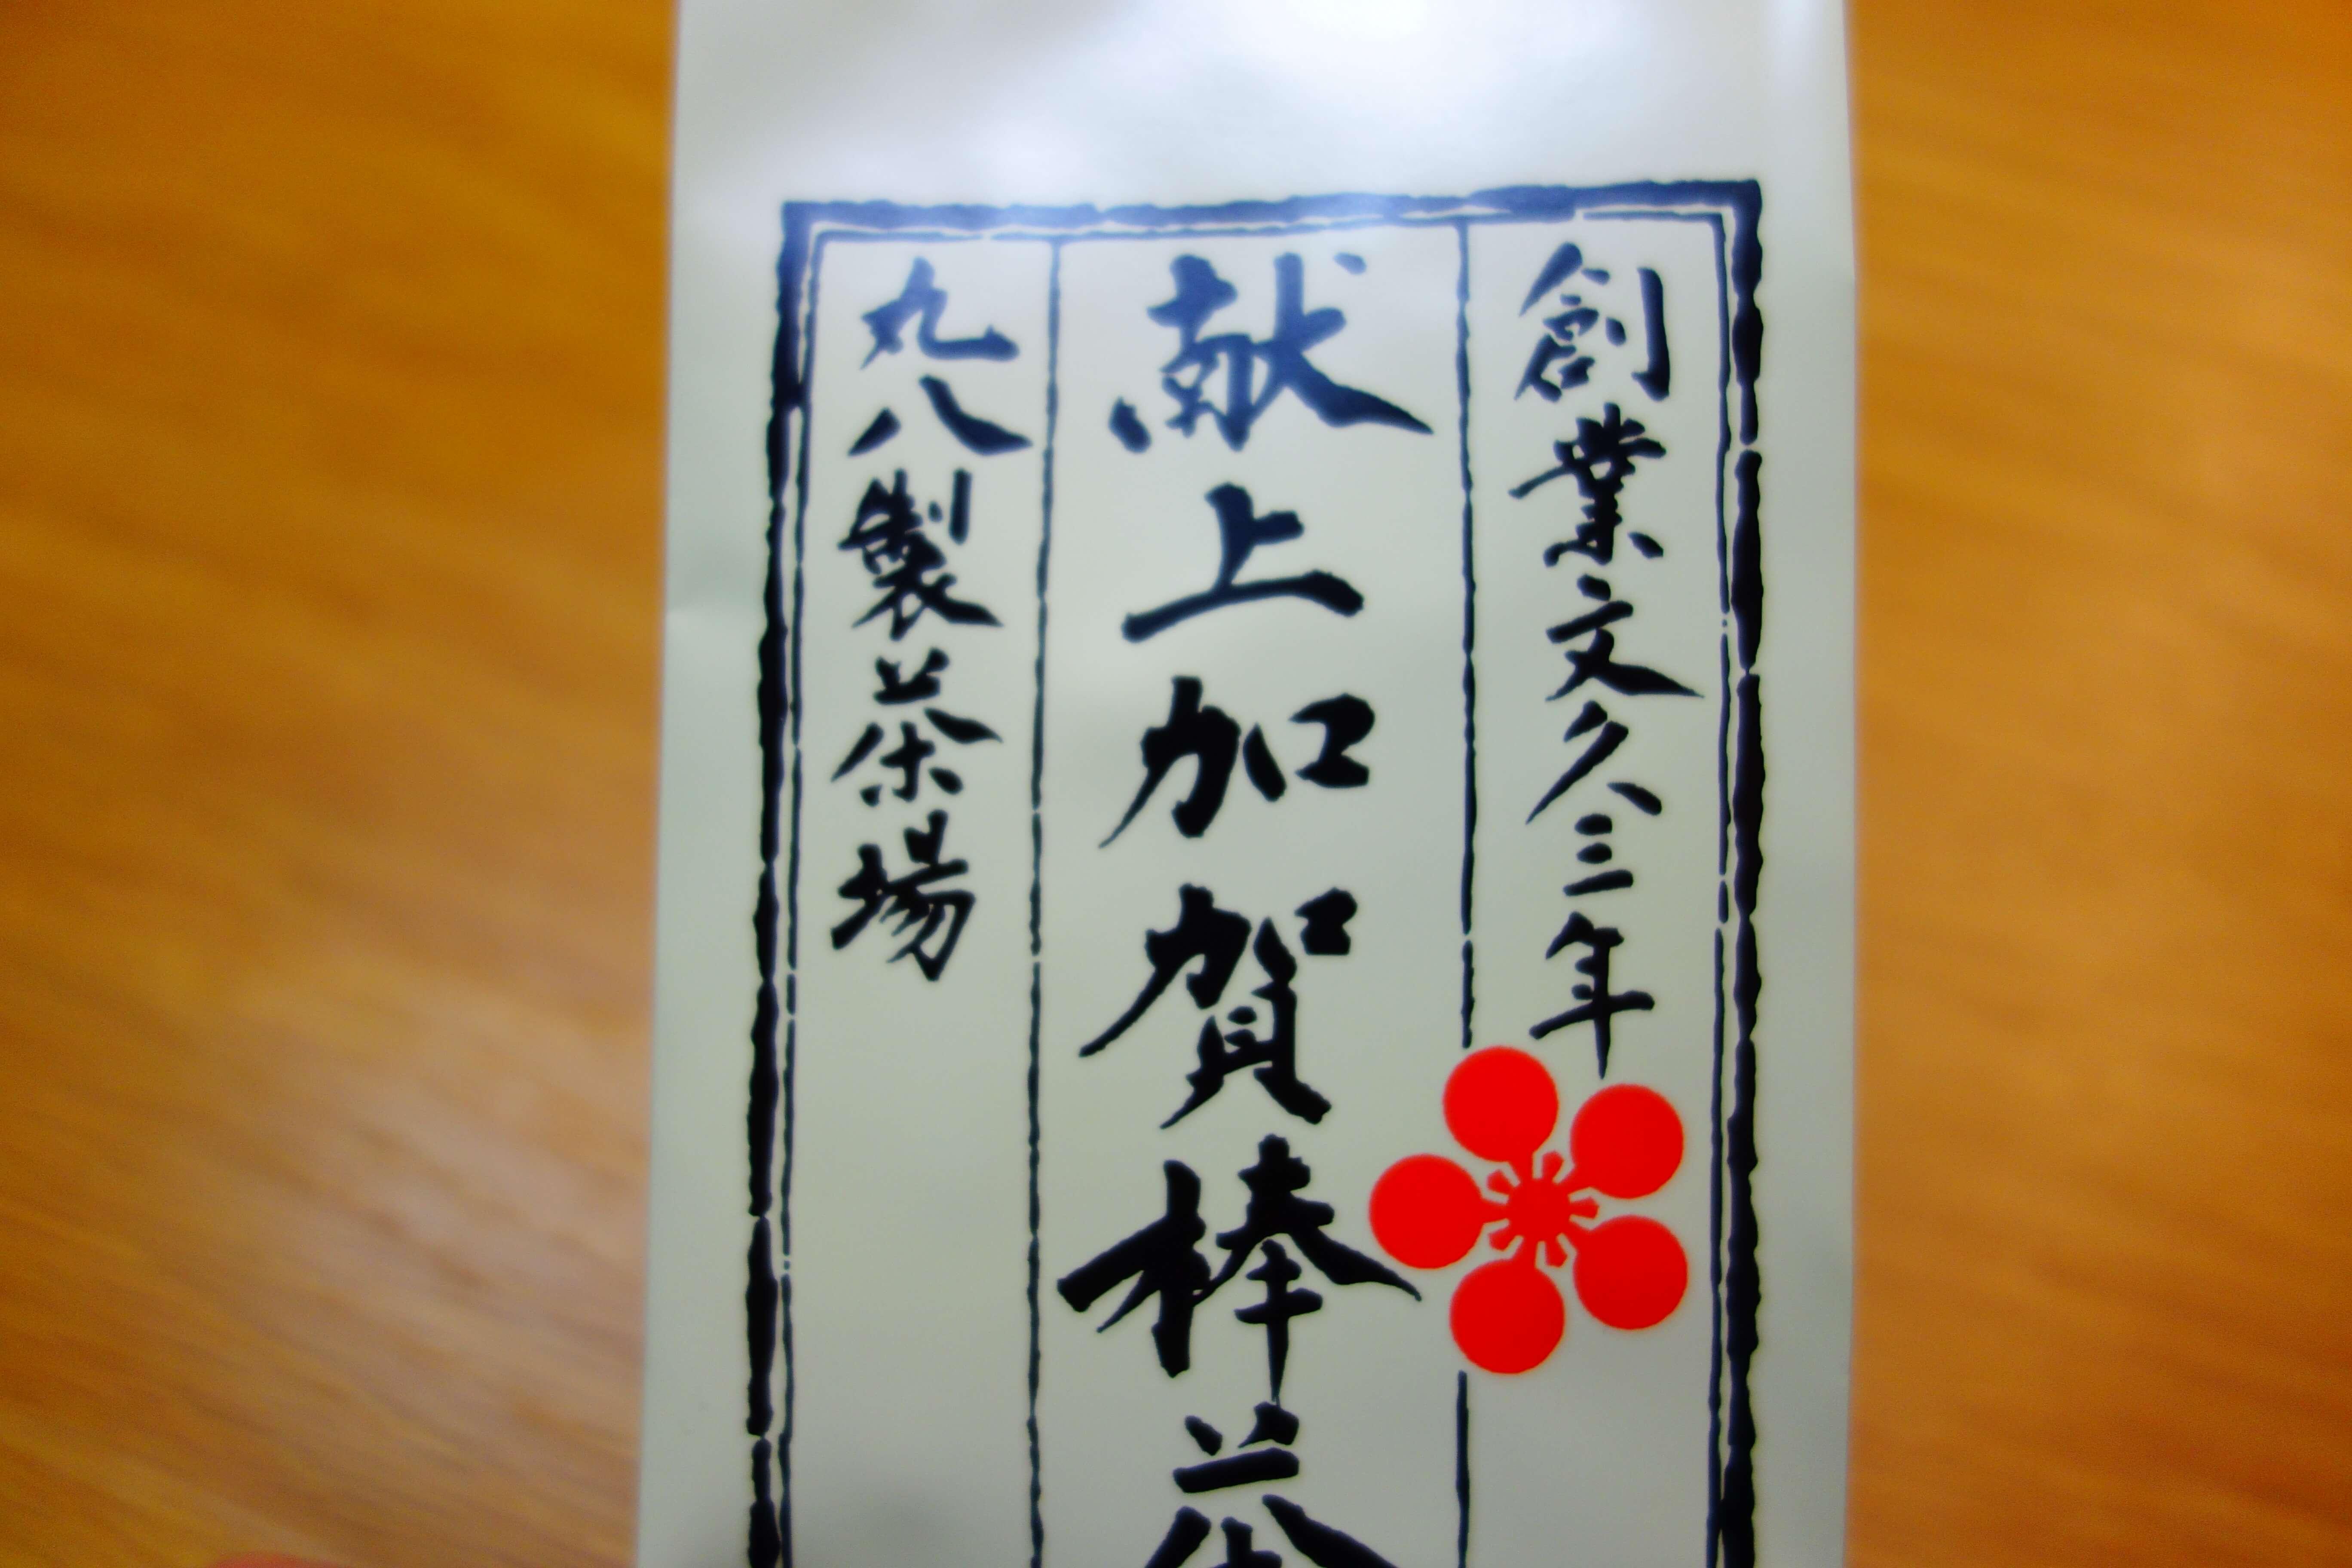 丸八製茶場|金沢駅で買える!昭和天皇に献上された加賀棒茶がお土産におすすめ